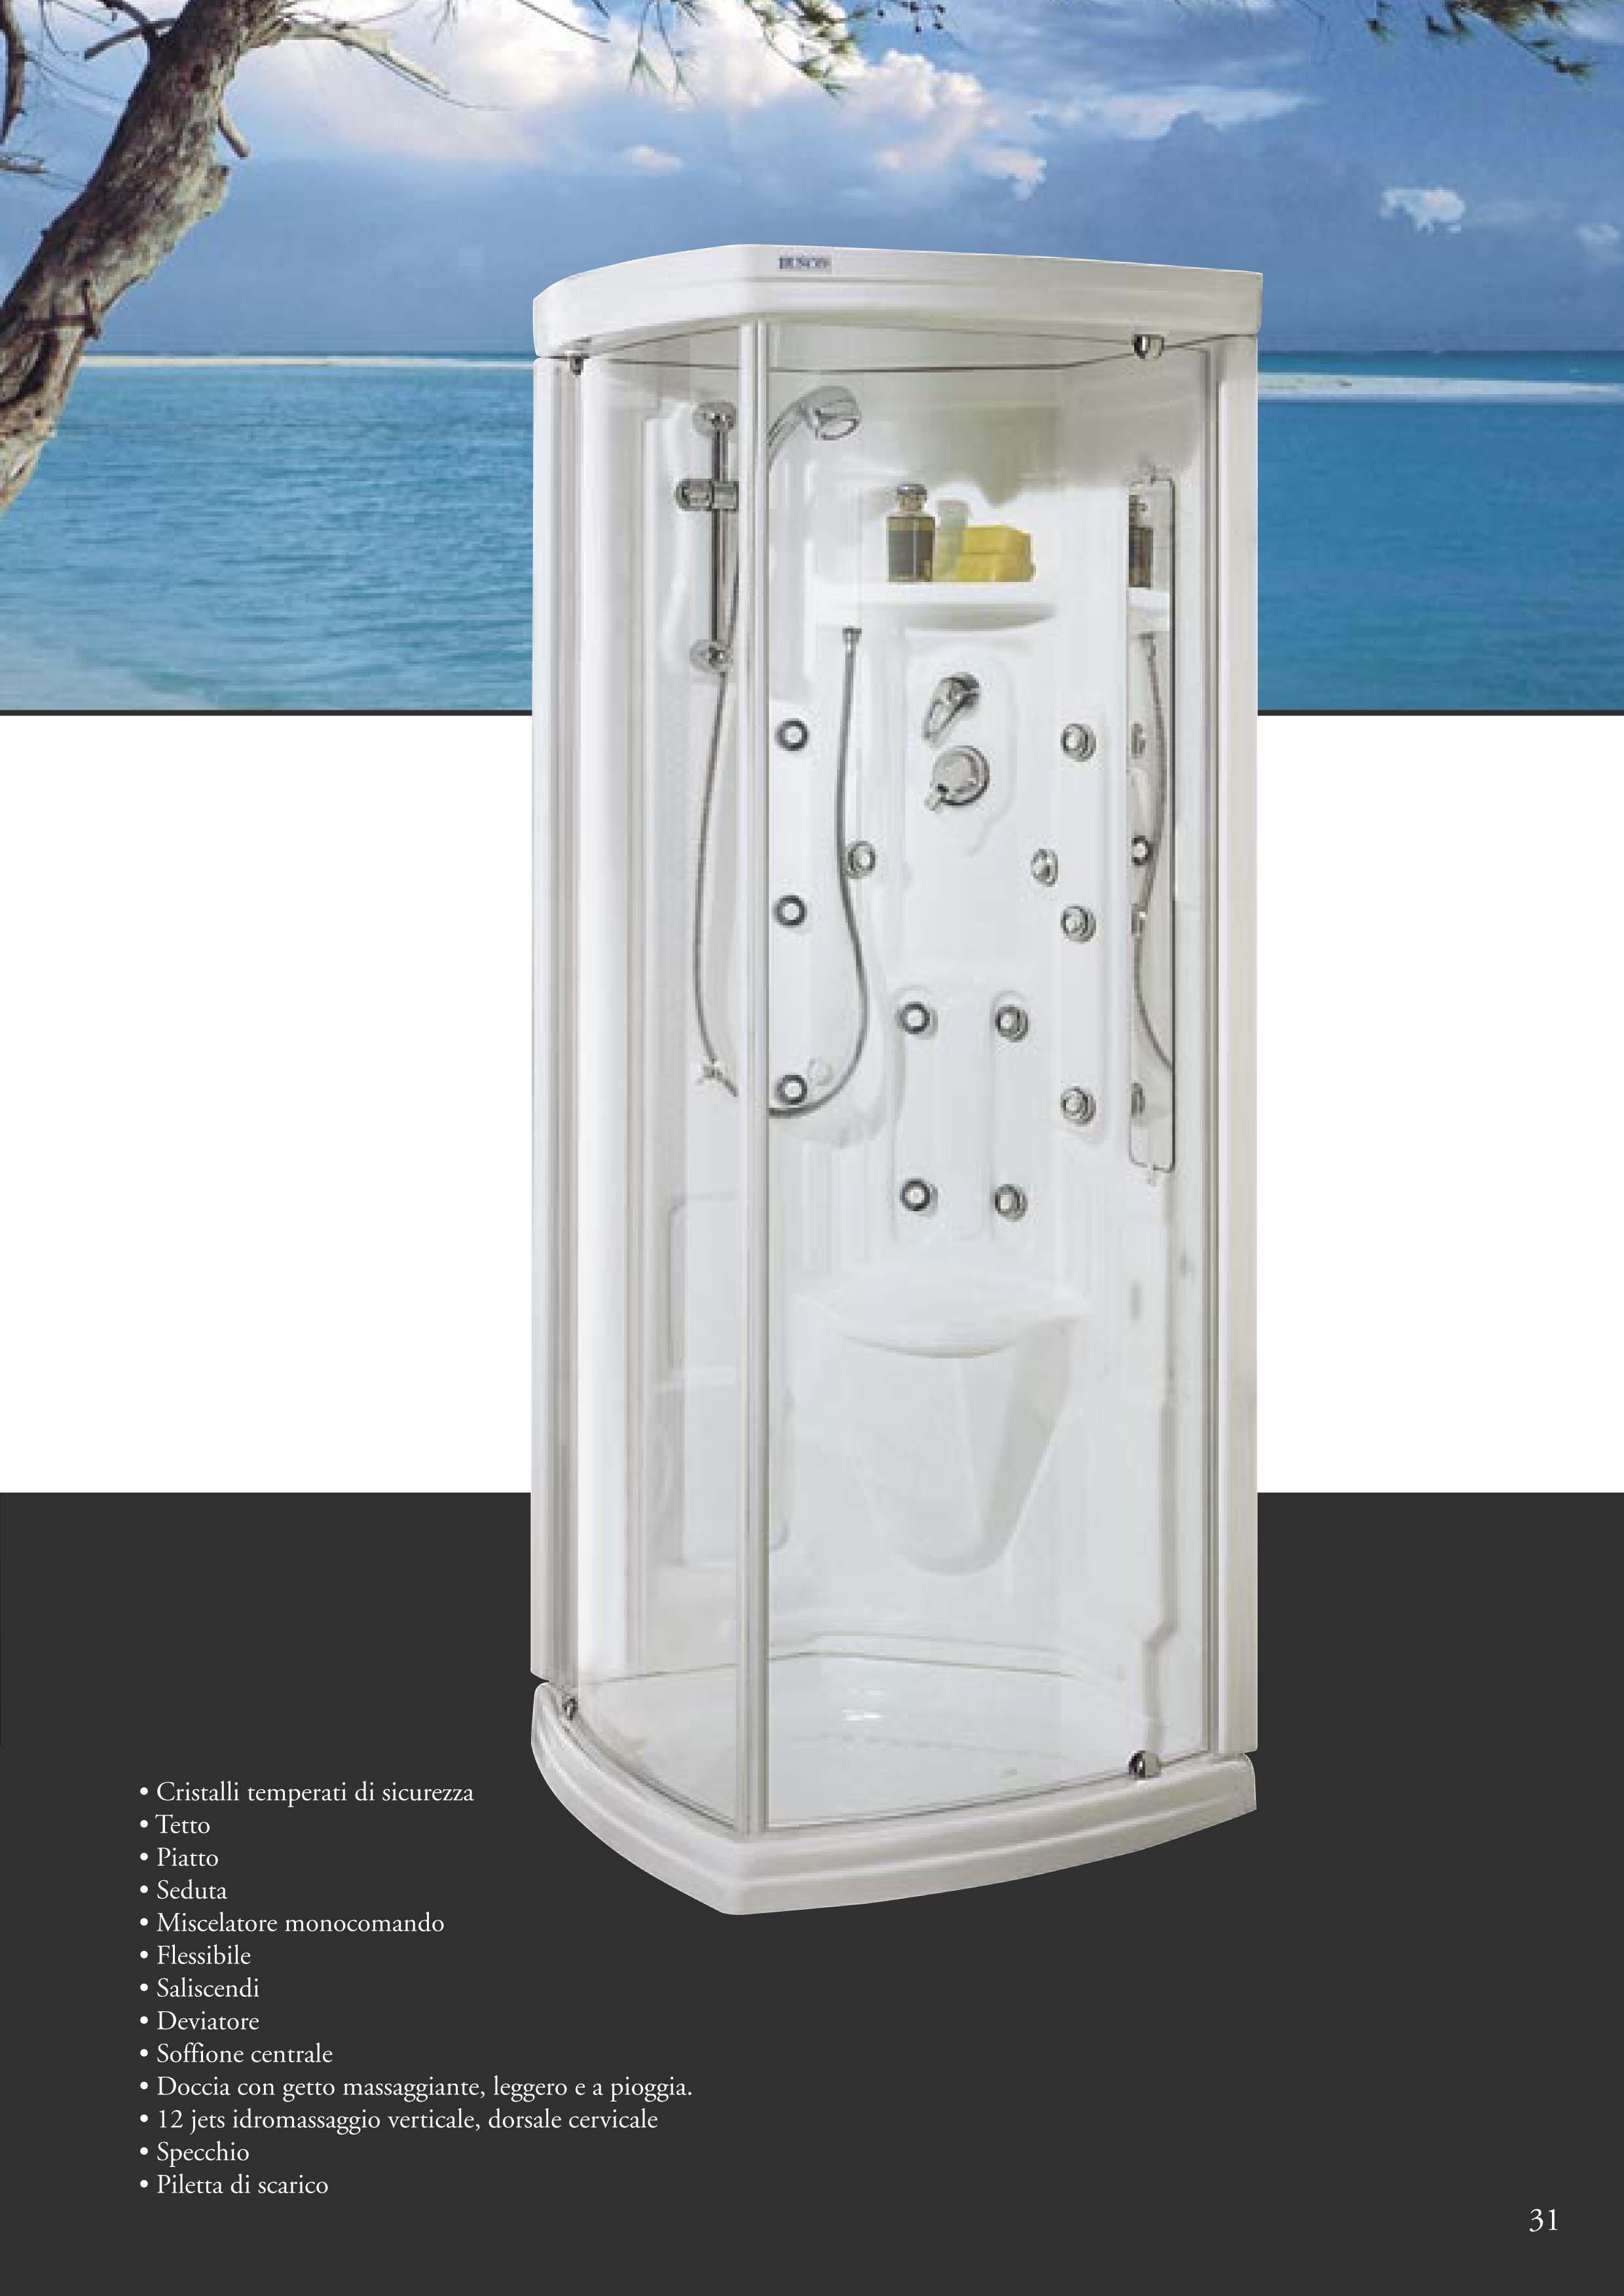 Cabina doccia idromassaggio 12 jets   80x80 h. 207 'oregon'